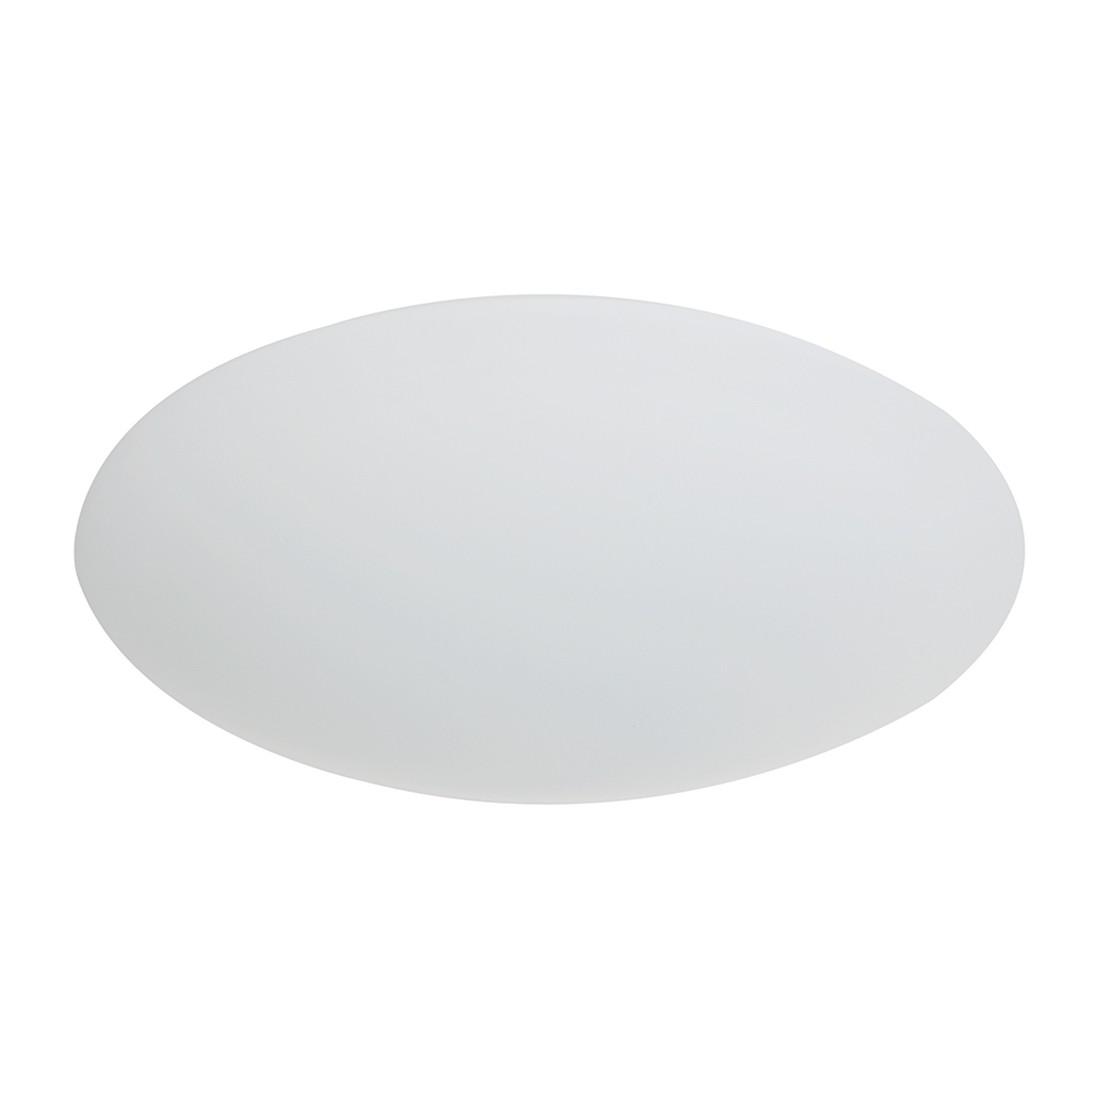 EEK A++, Deckenleuchte 1-flammig - Weiß Ø 30cm, Steinhauer